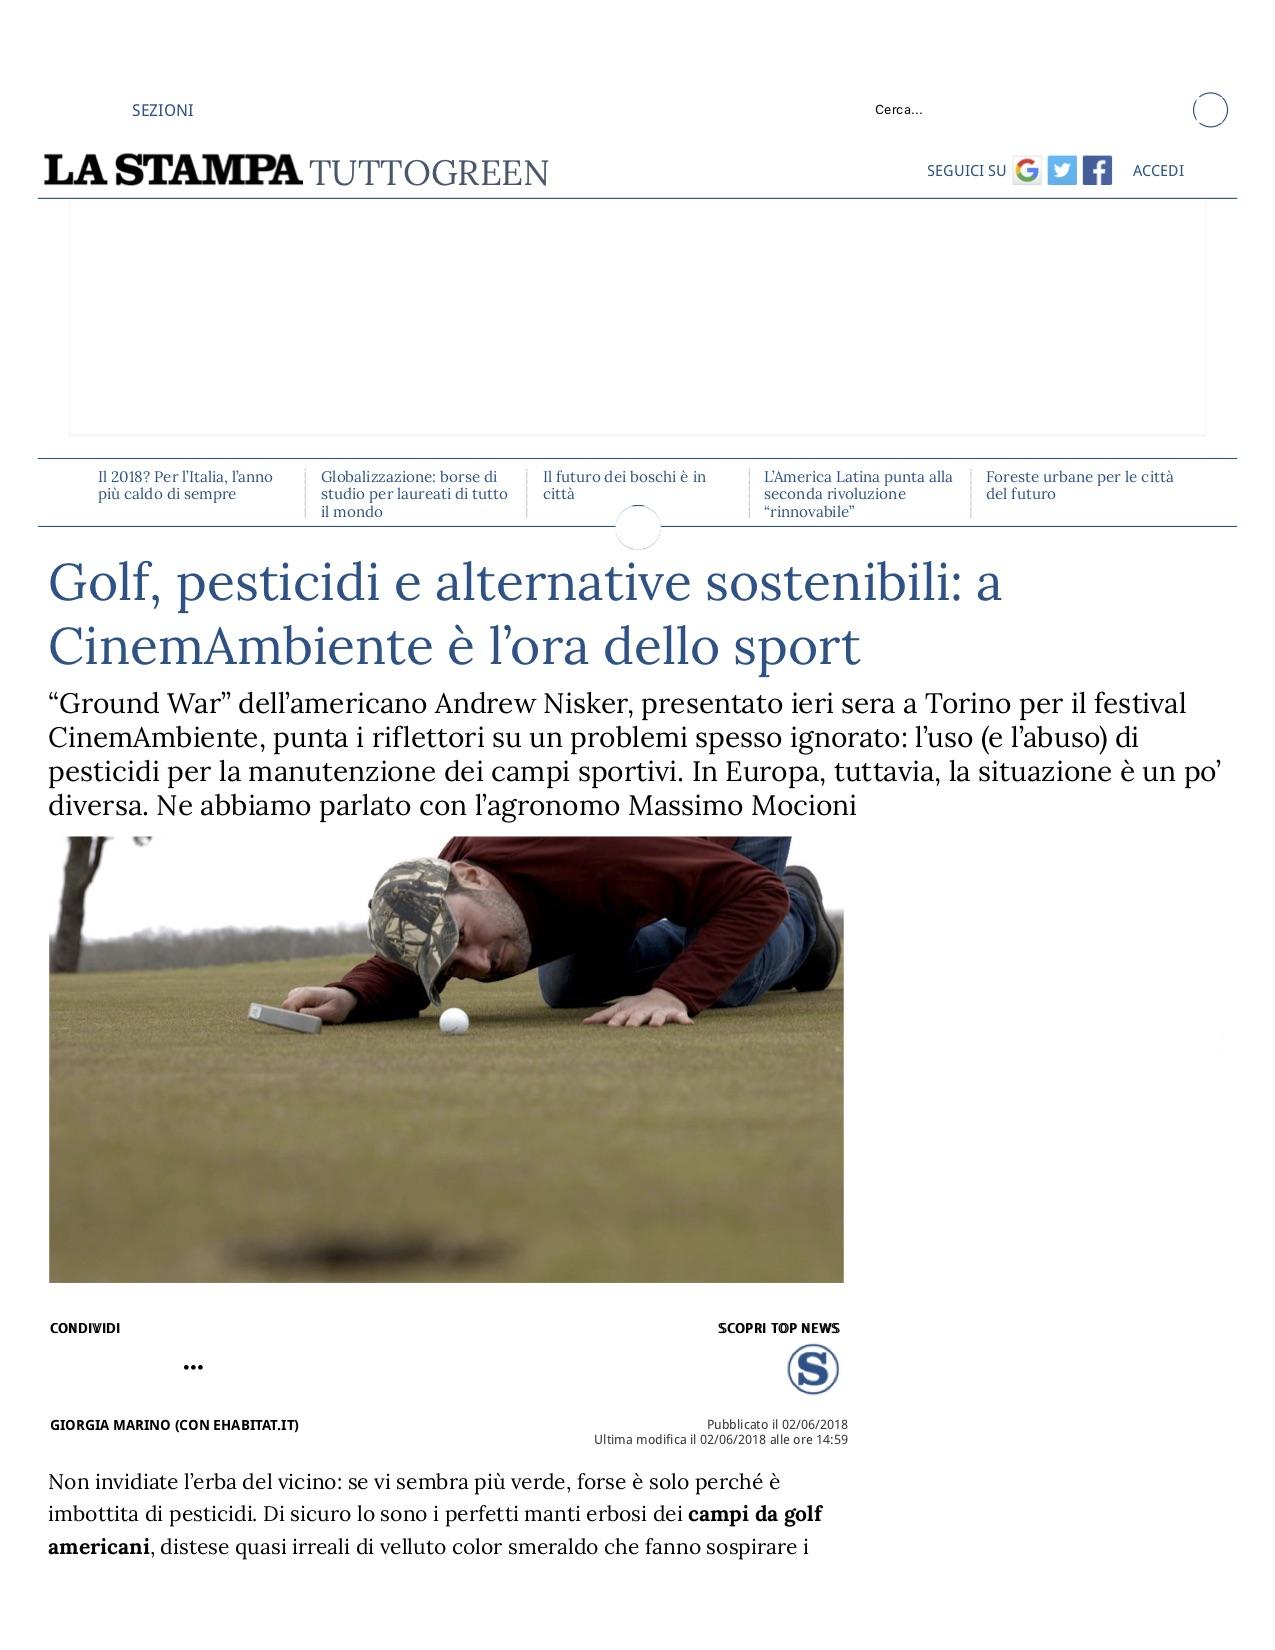 Golf, pesticidi e alternative sostenibili- a CinemAmbiente è l'ora dello sport - La Stampa.jpg